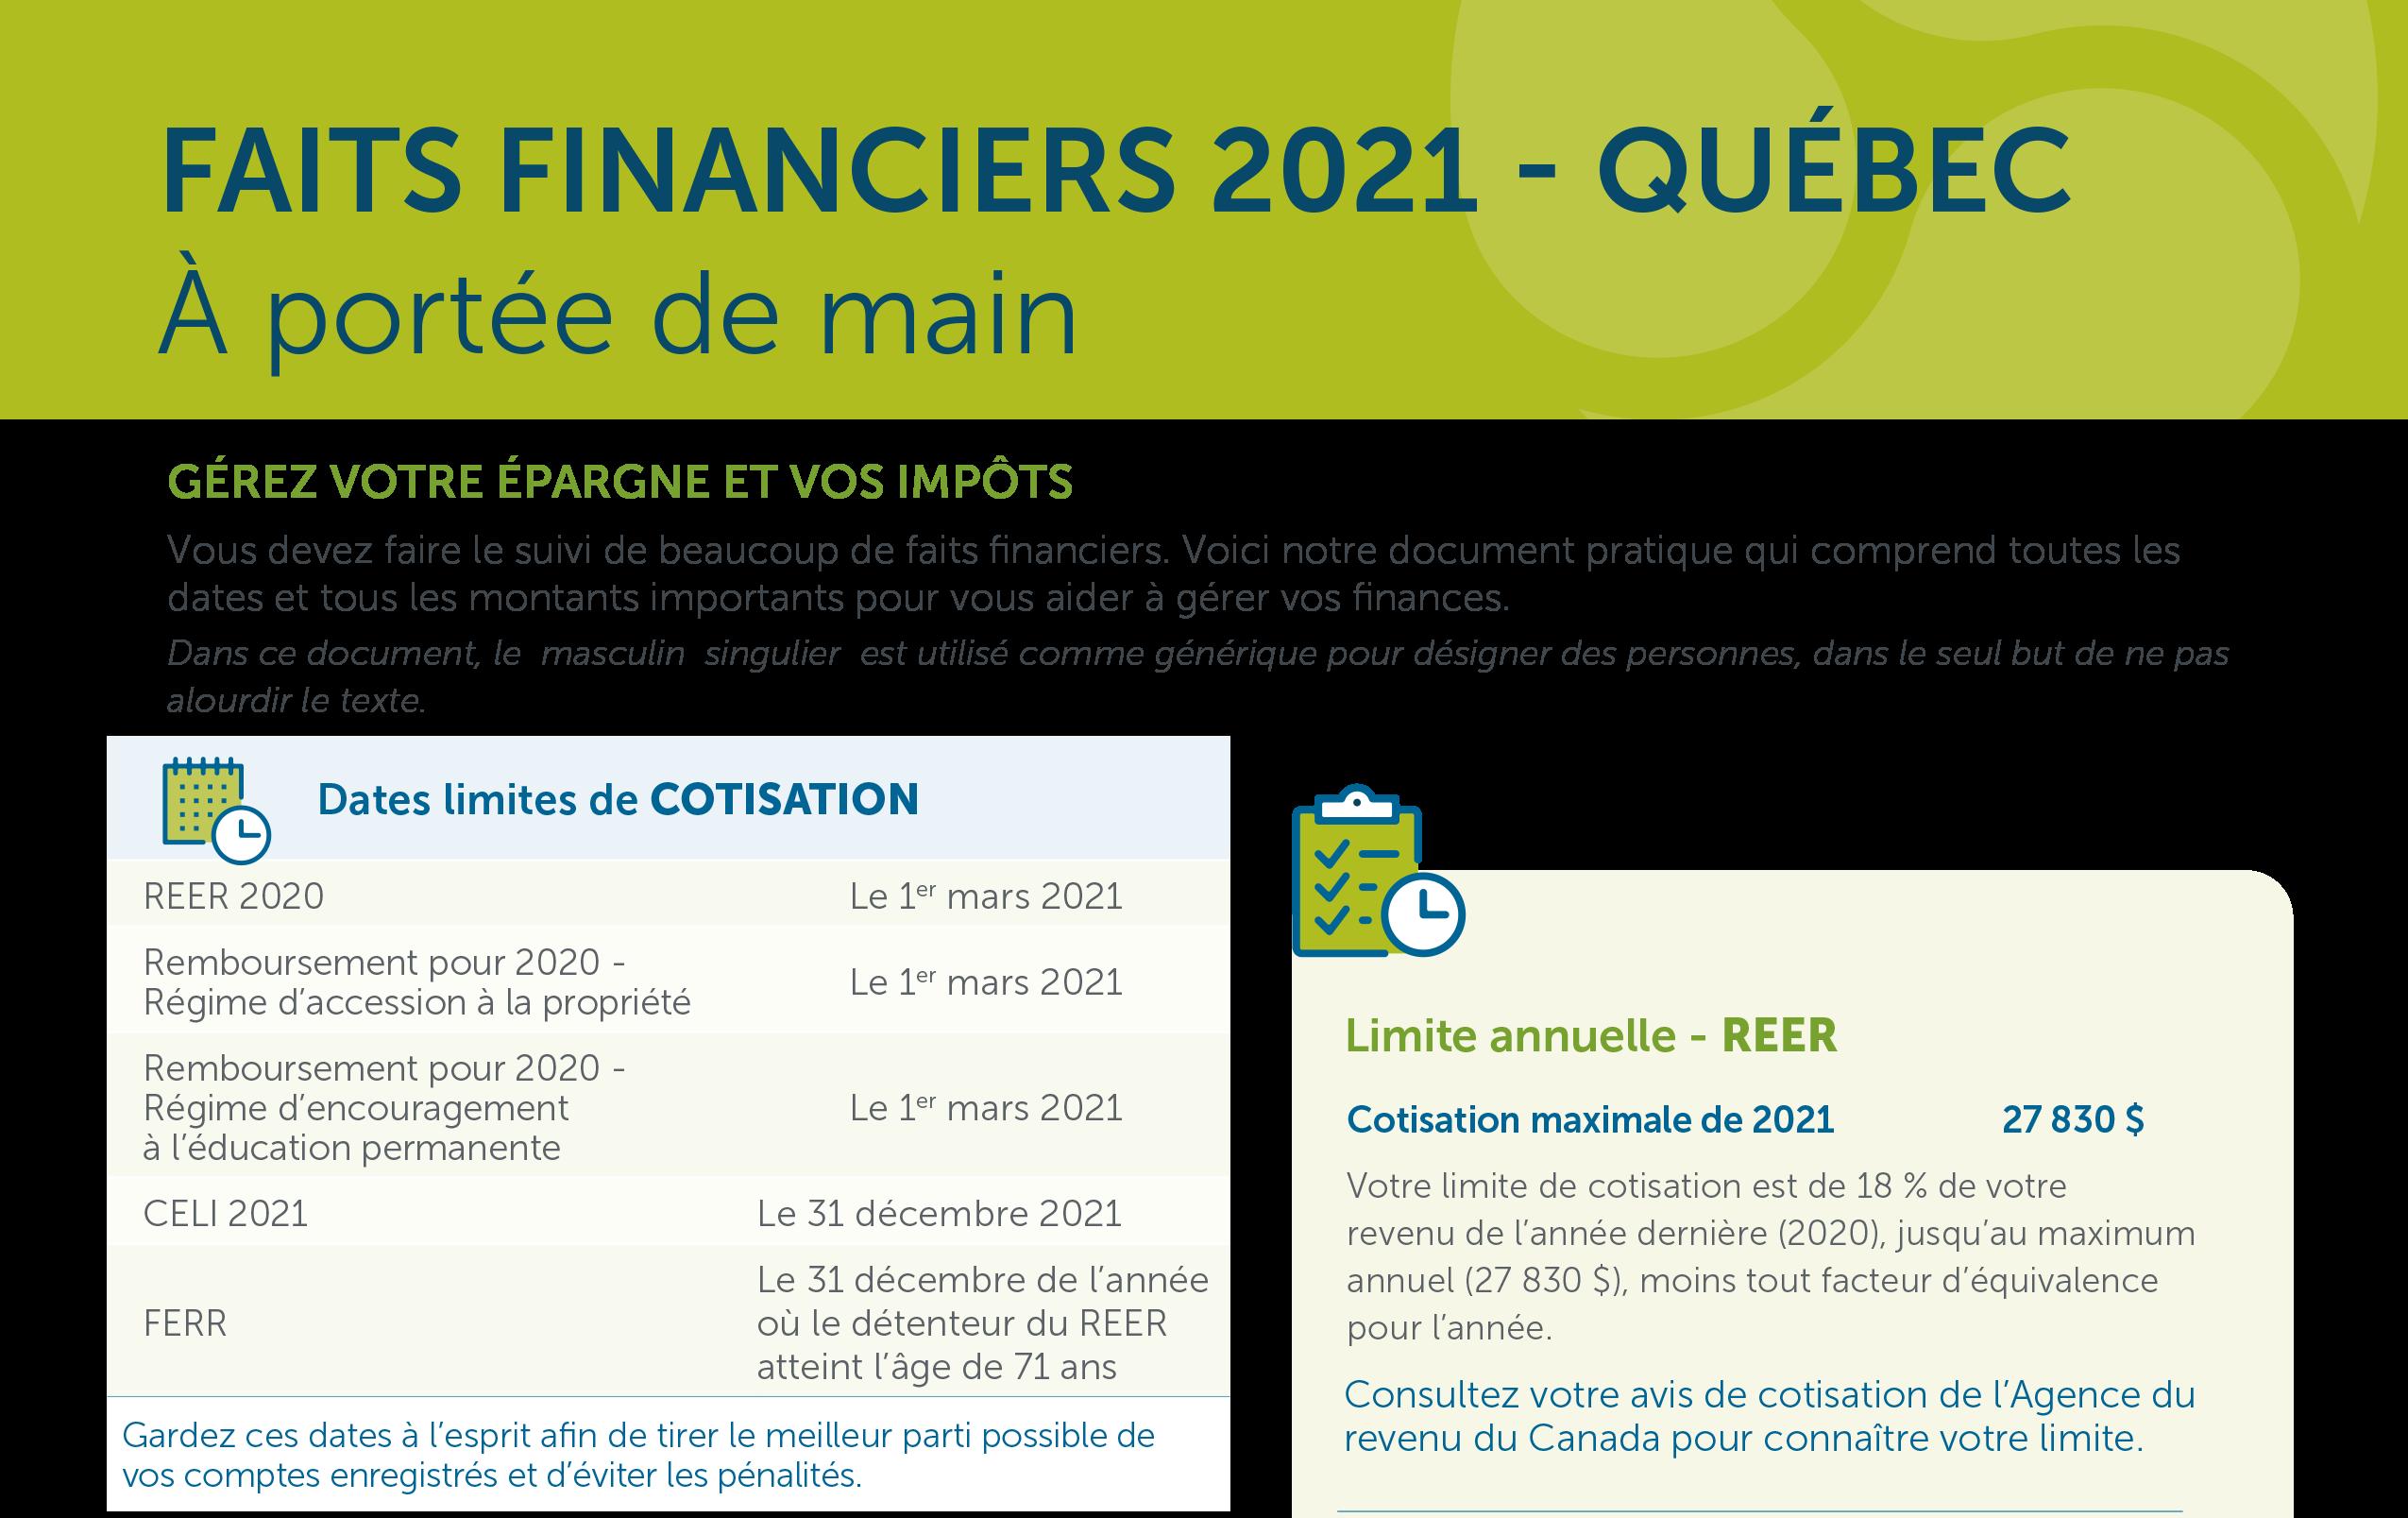 Faits financiers 2021 - Québec : à portée de main